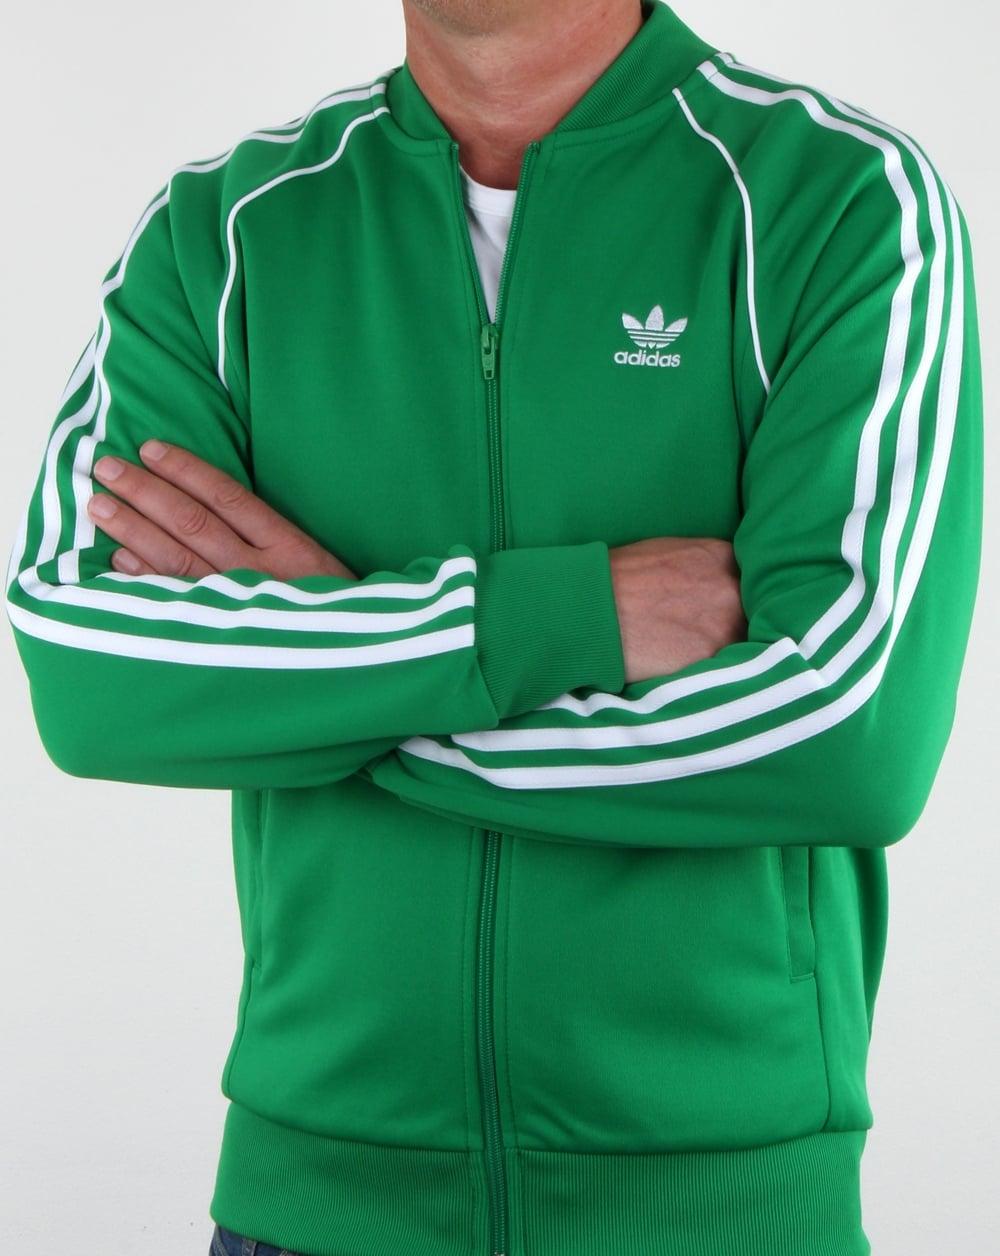 dfedd4bd1502 adidas Originals Adidas Originals Superstar Track Top Green